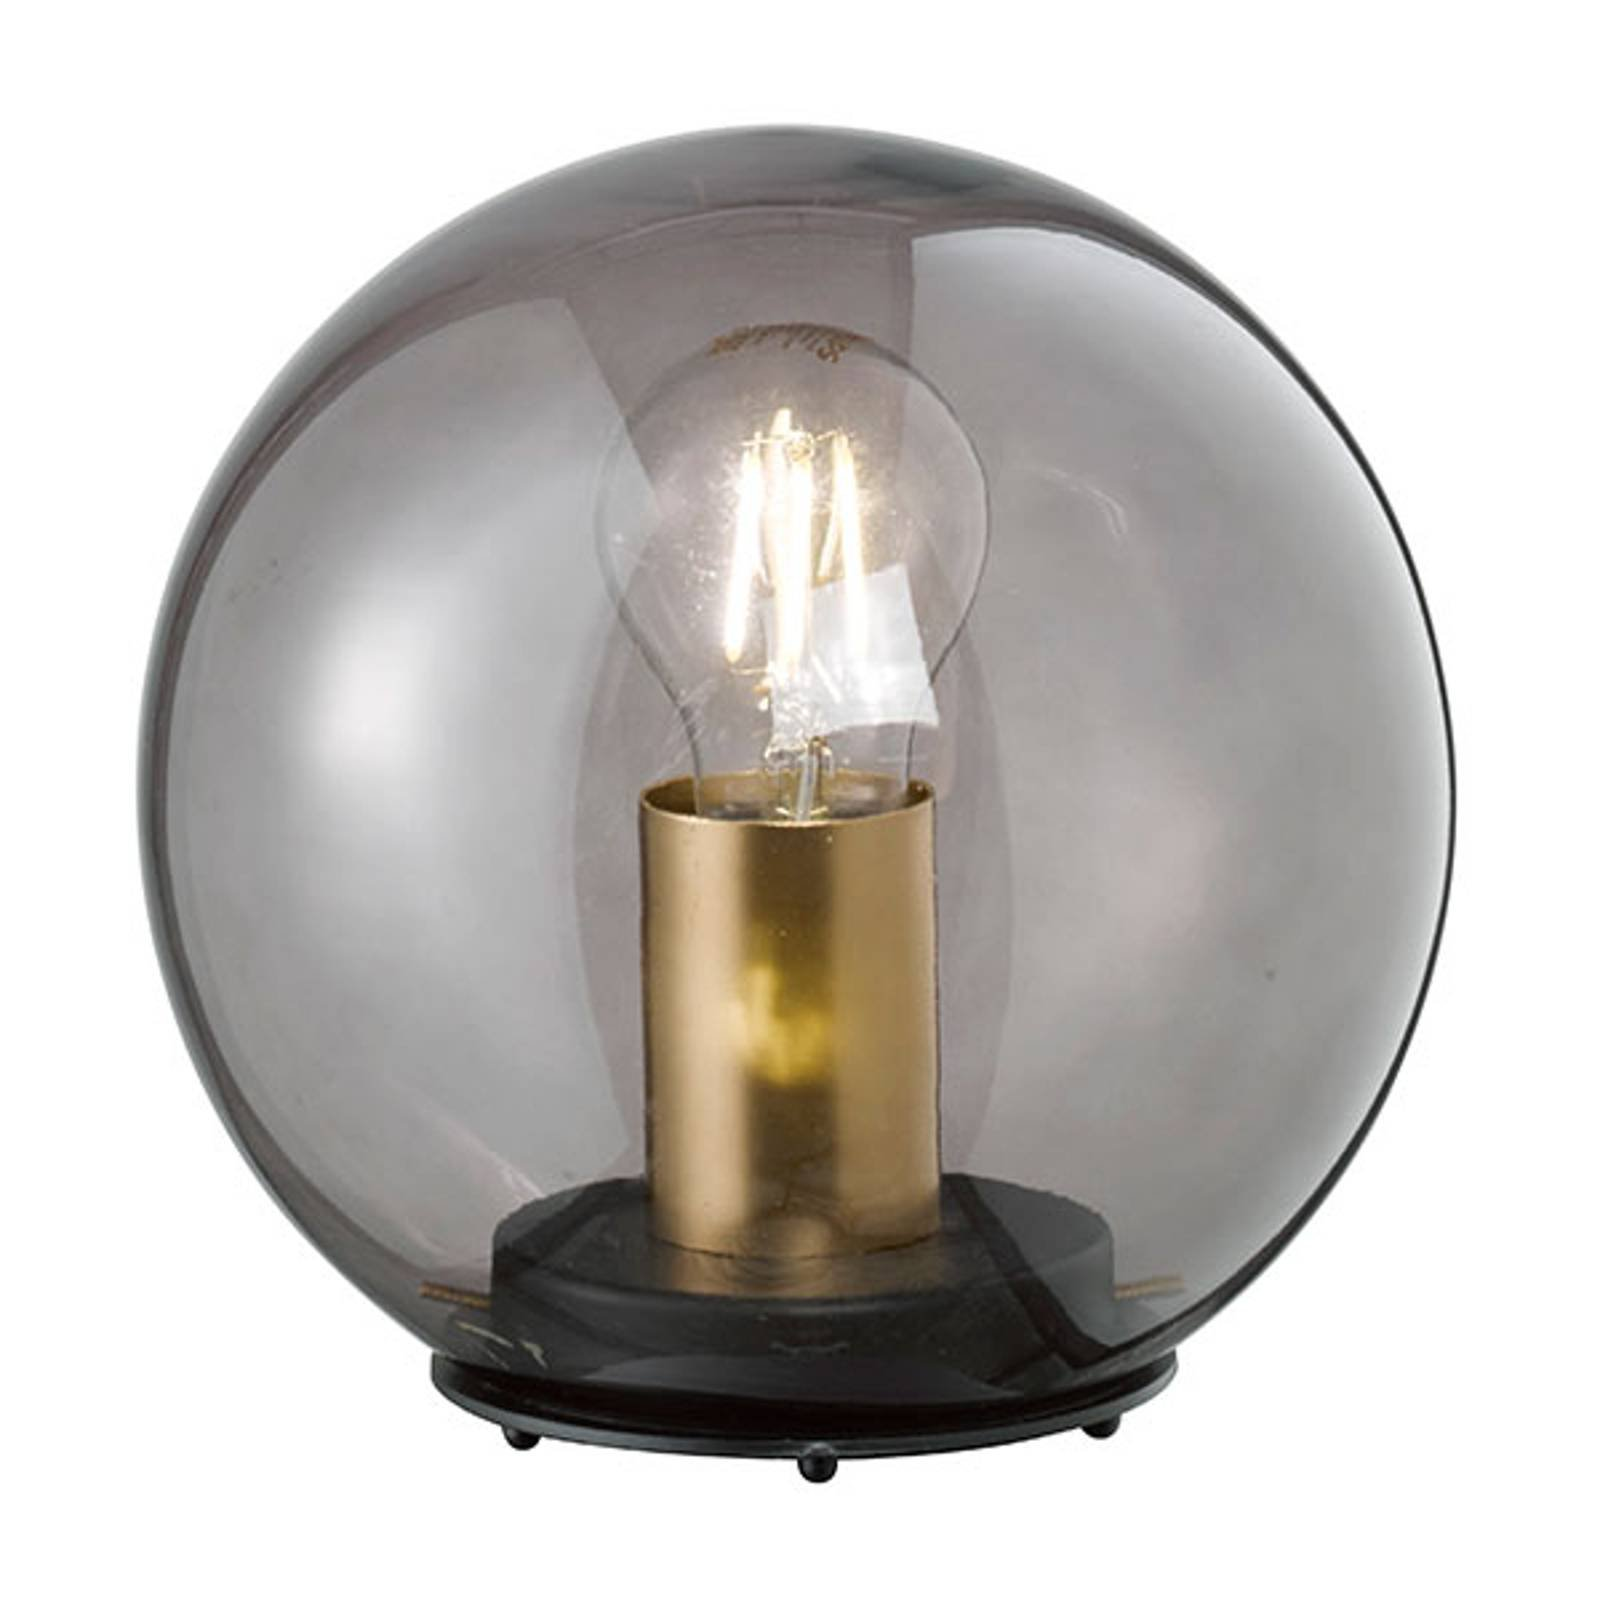 Bordlampe Dini med kuleskjerm av glass, 30 cm